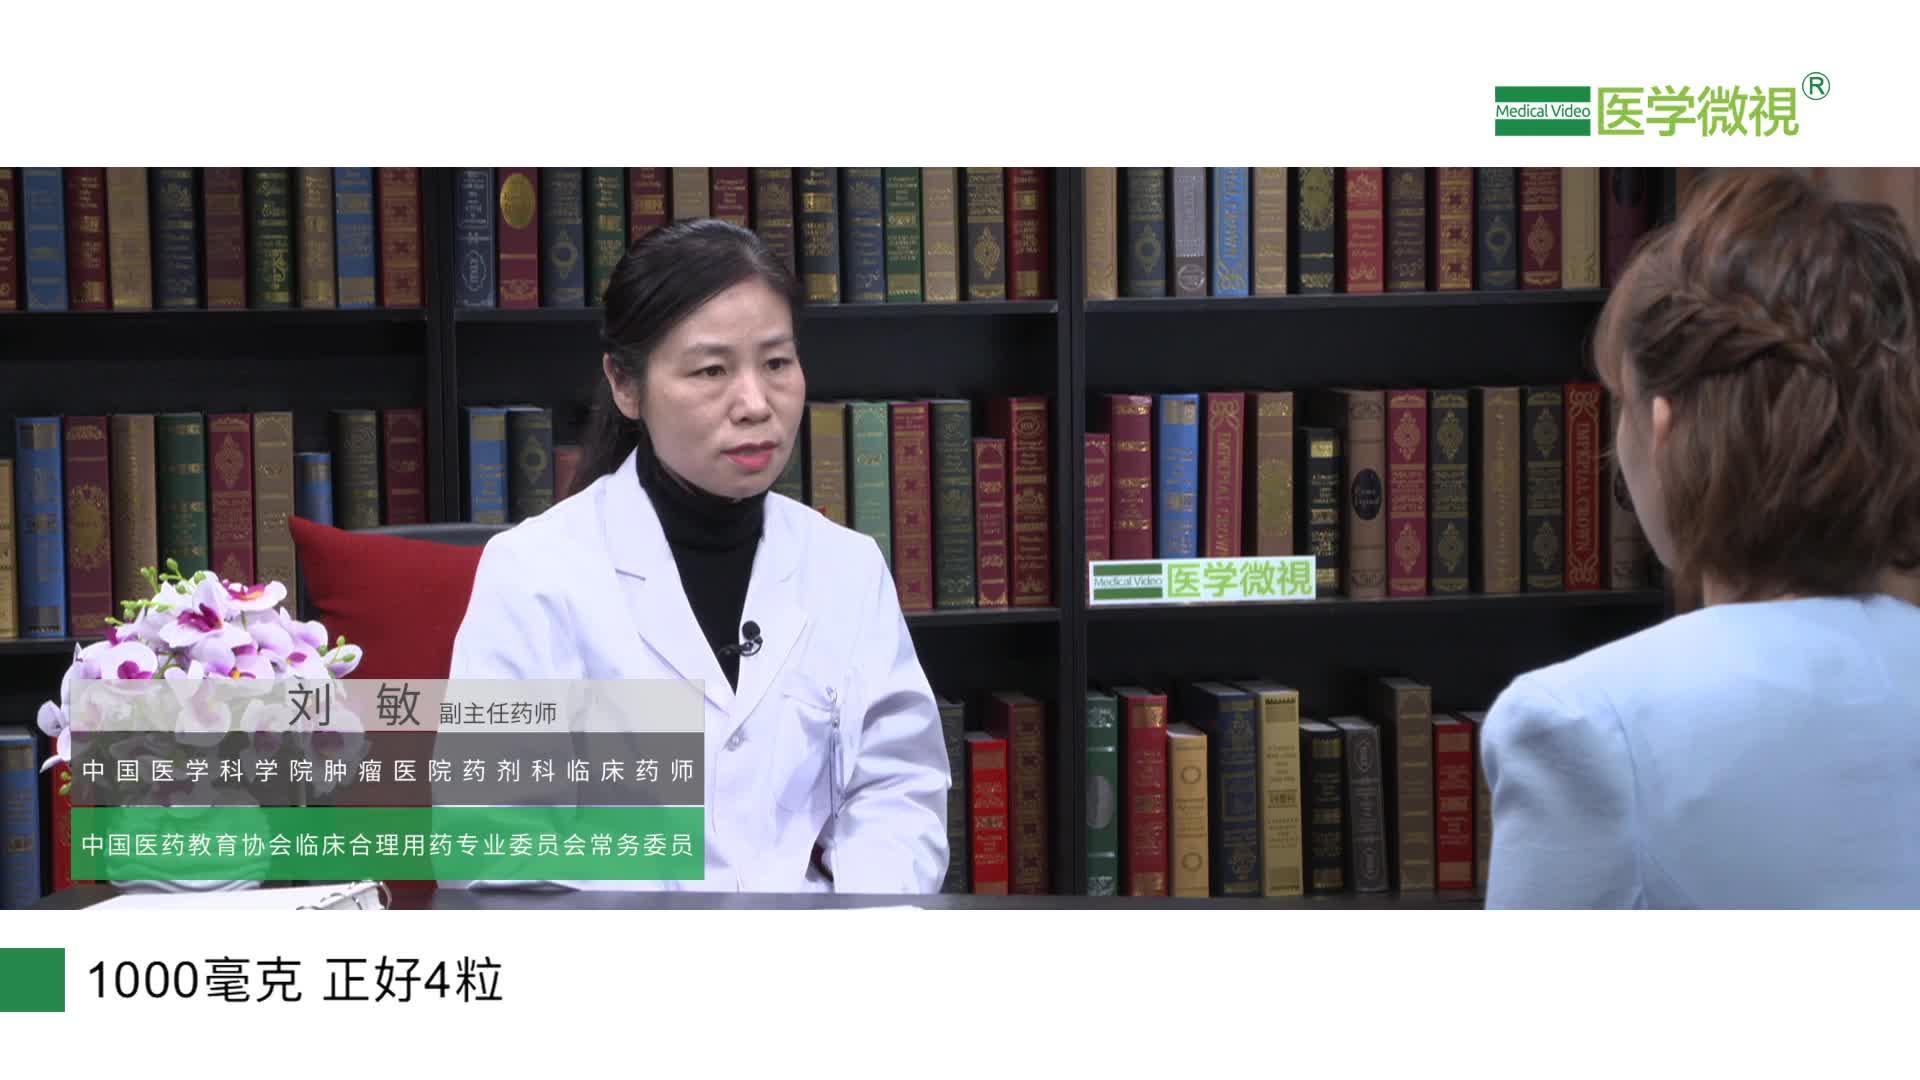 阿比特龙治前列腺癌患者自行减量或漏服吗?会有什么影响吗?